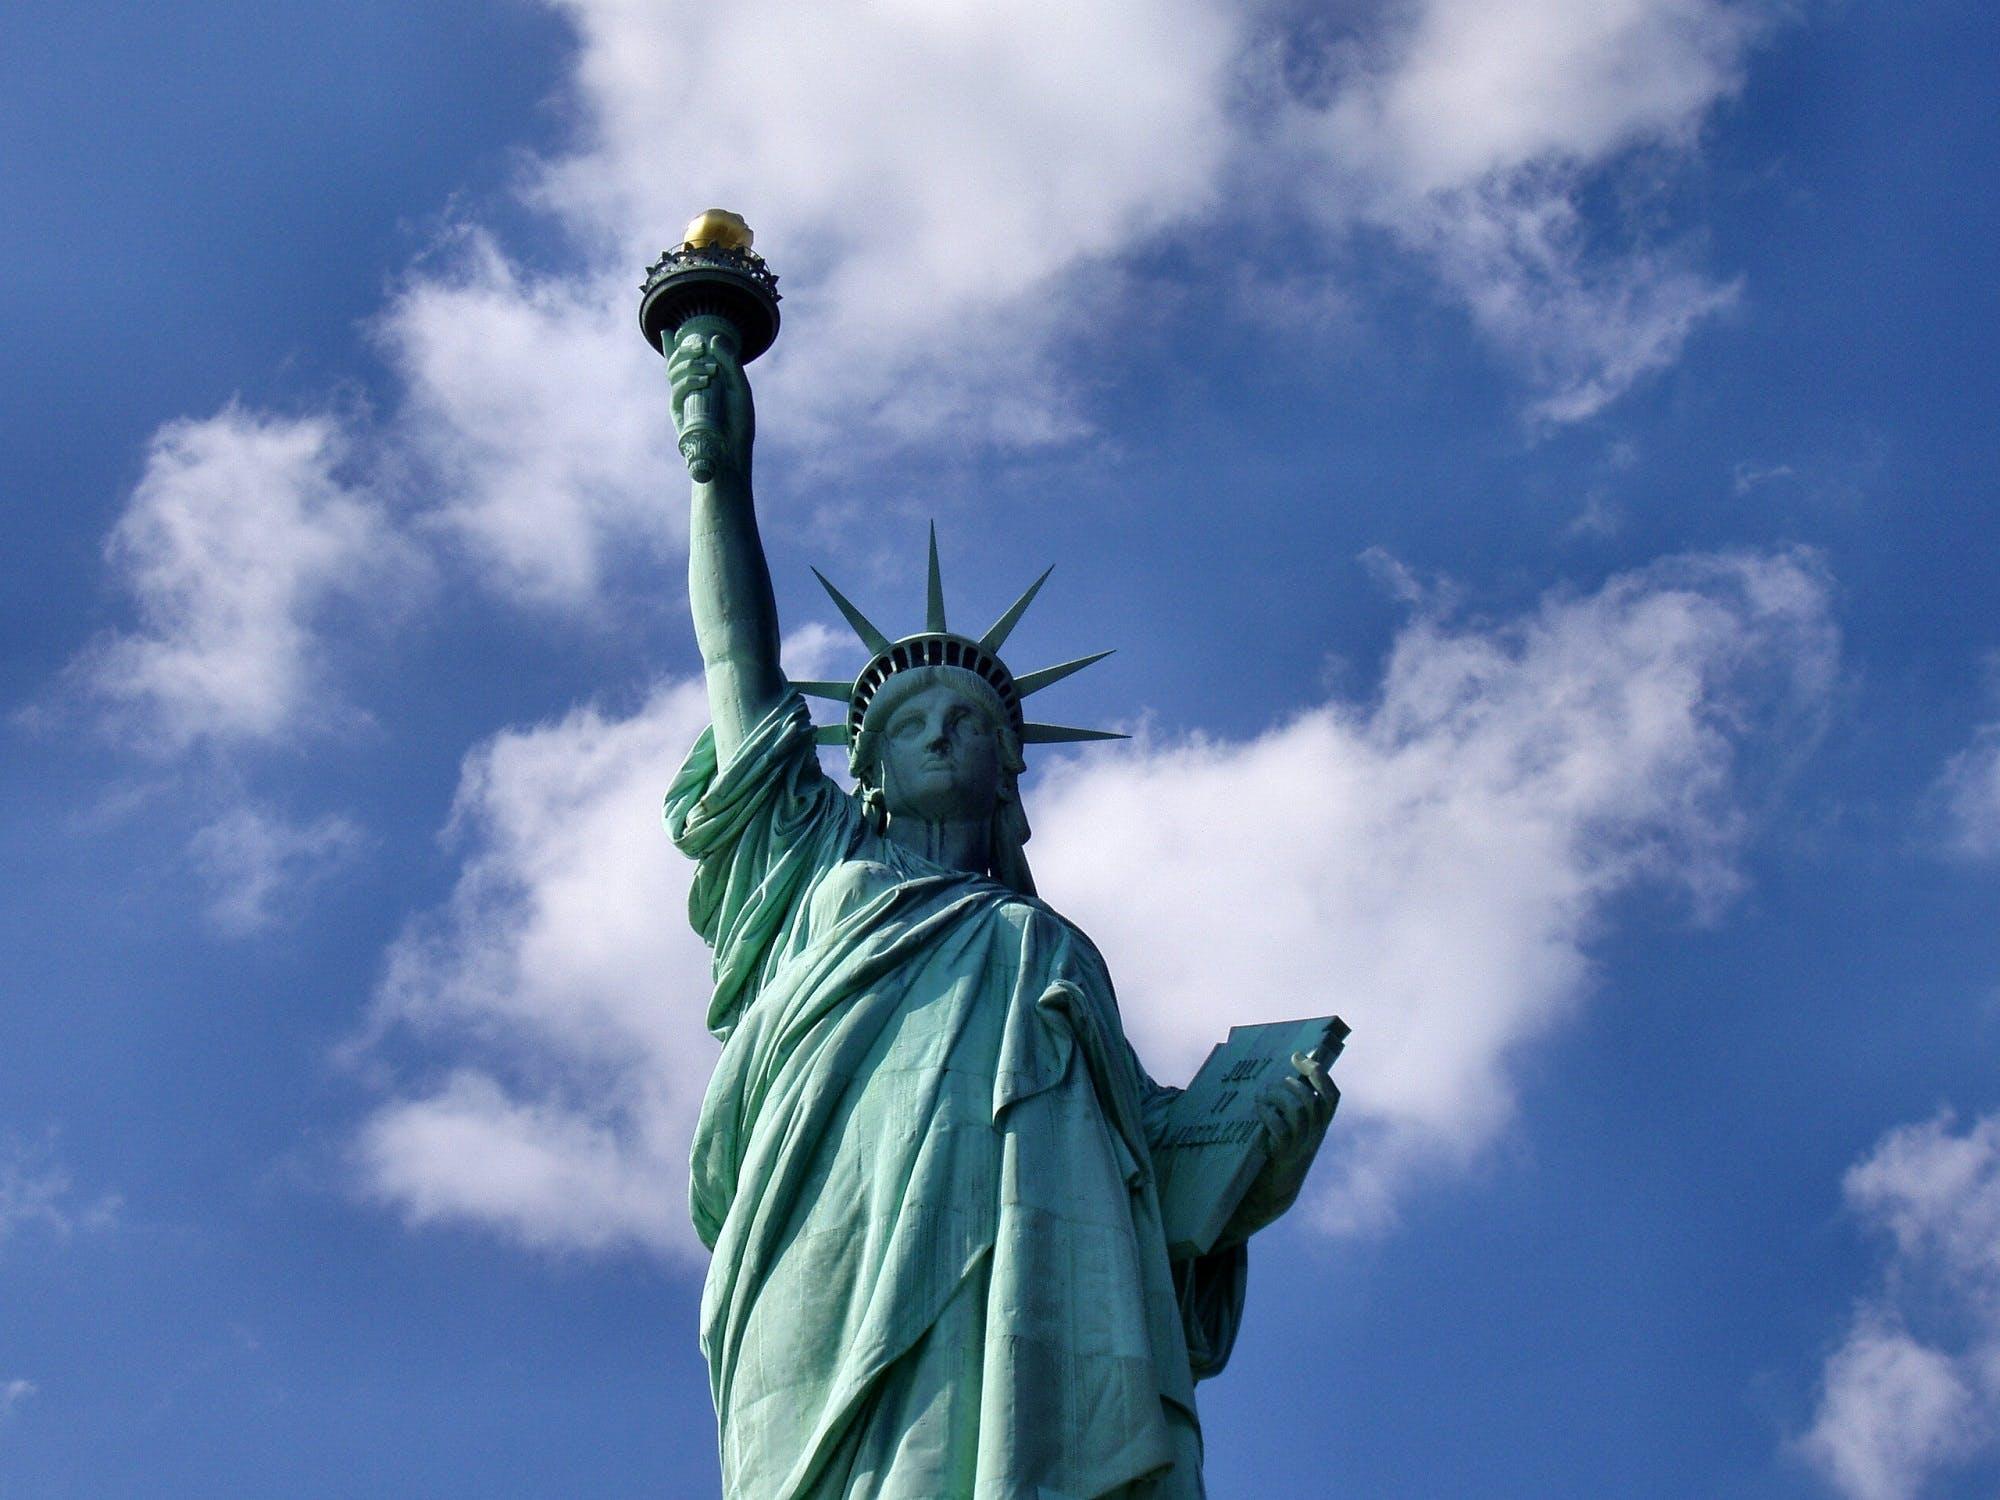 Kostenloses Stock Foto zu freiheitsstatue, new york, nyc, touristenattraktion